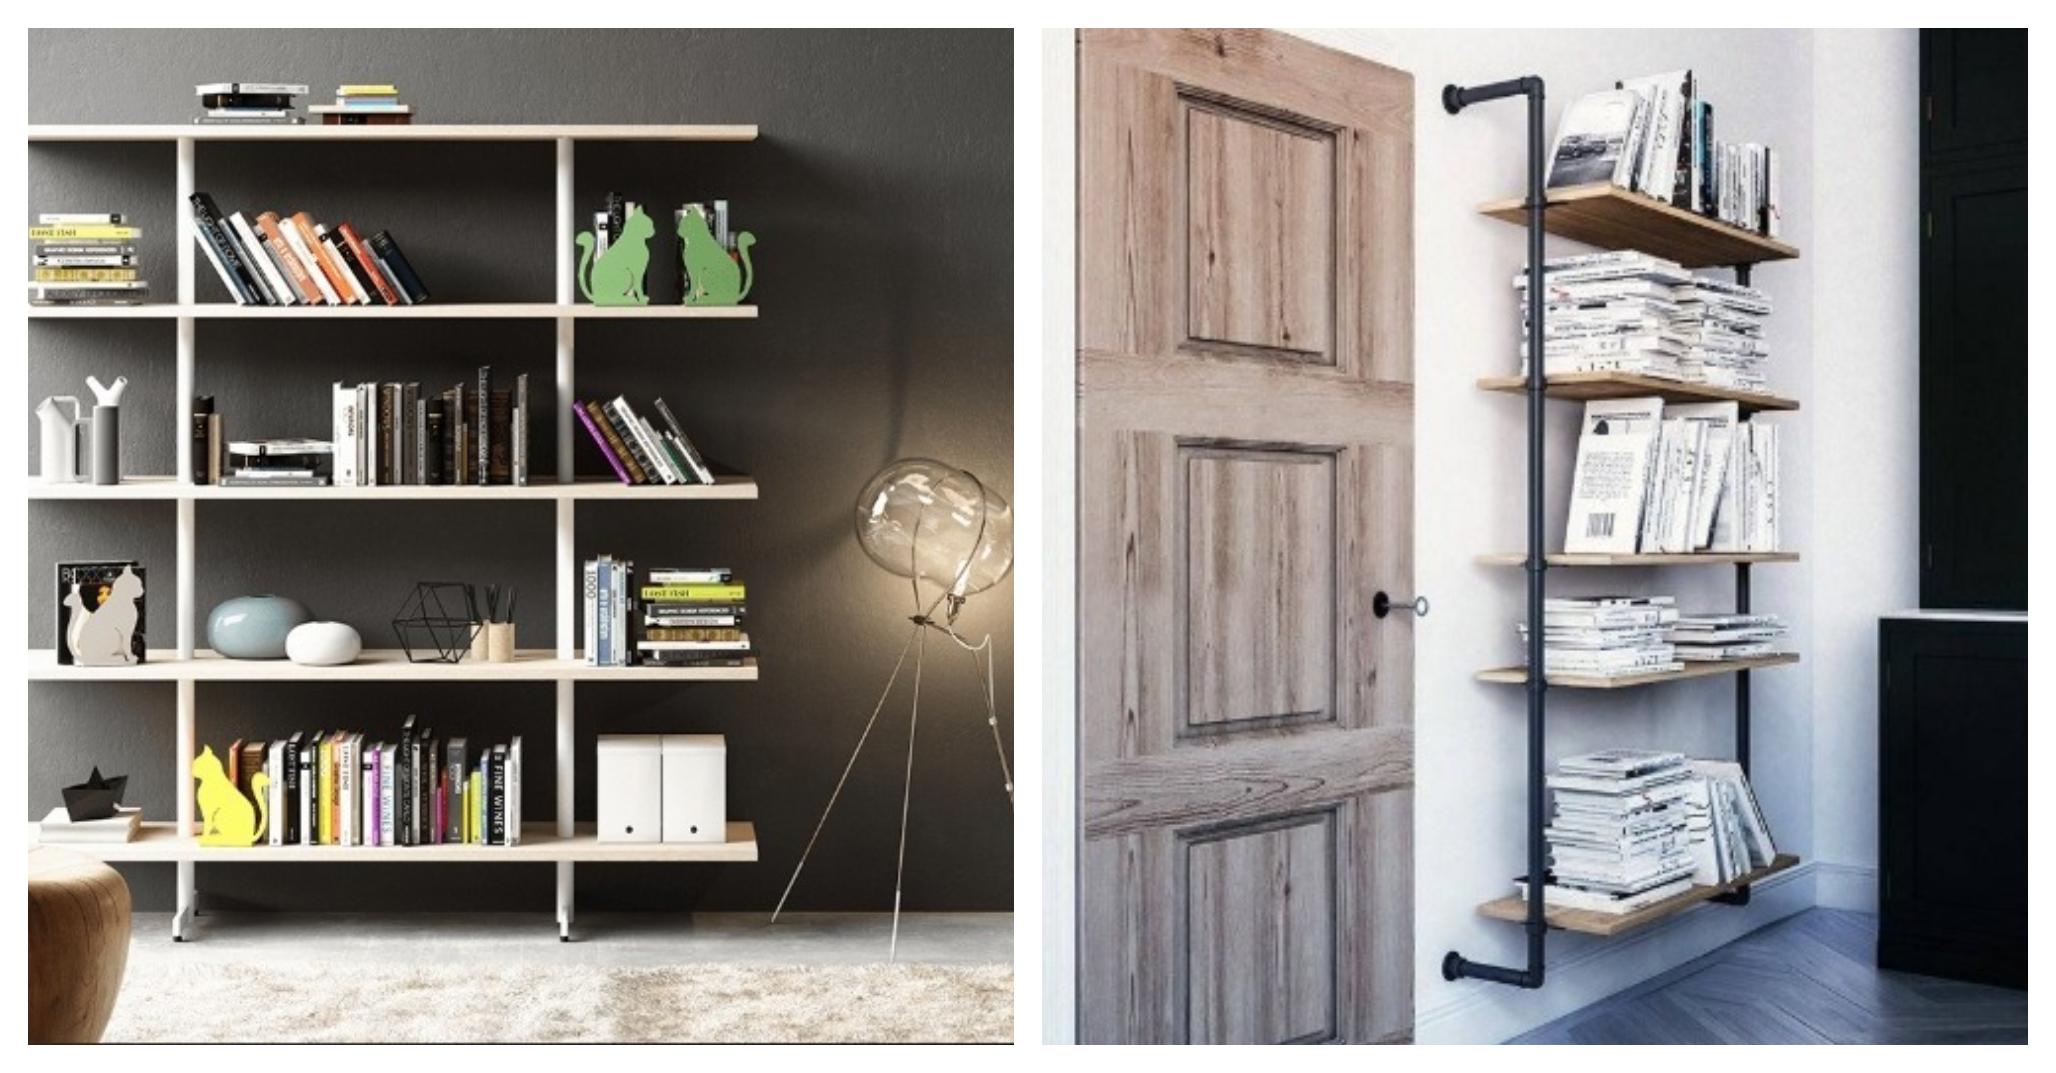 Come Allestire Una Libreria come creare l'angolo lettura perfetto per la propria casa